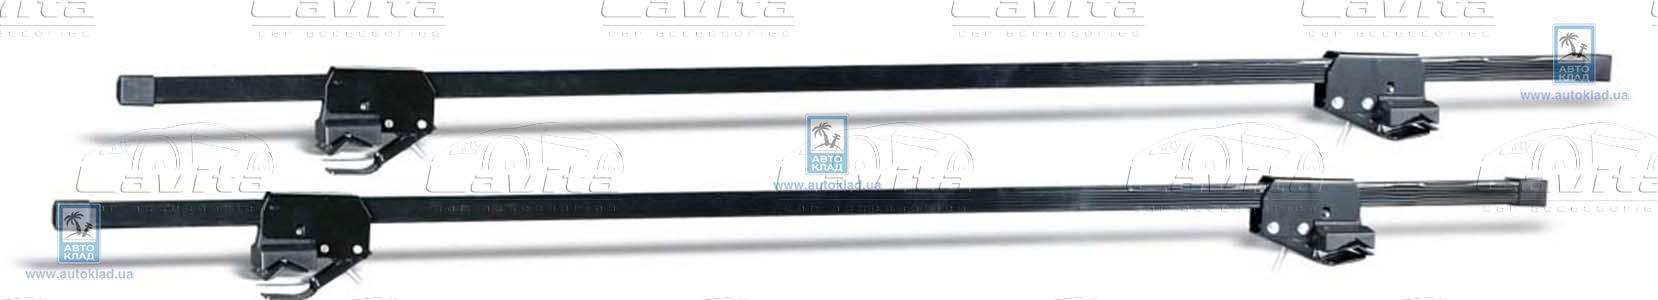 Багажник на крышу универсальный LAVITA 24012548: заказать